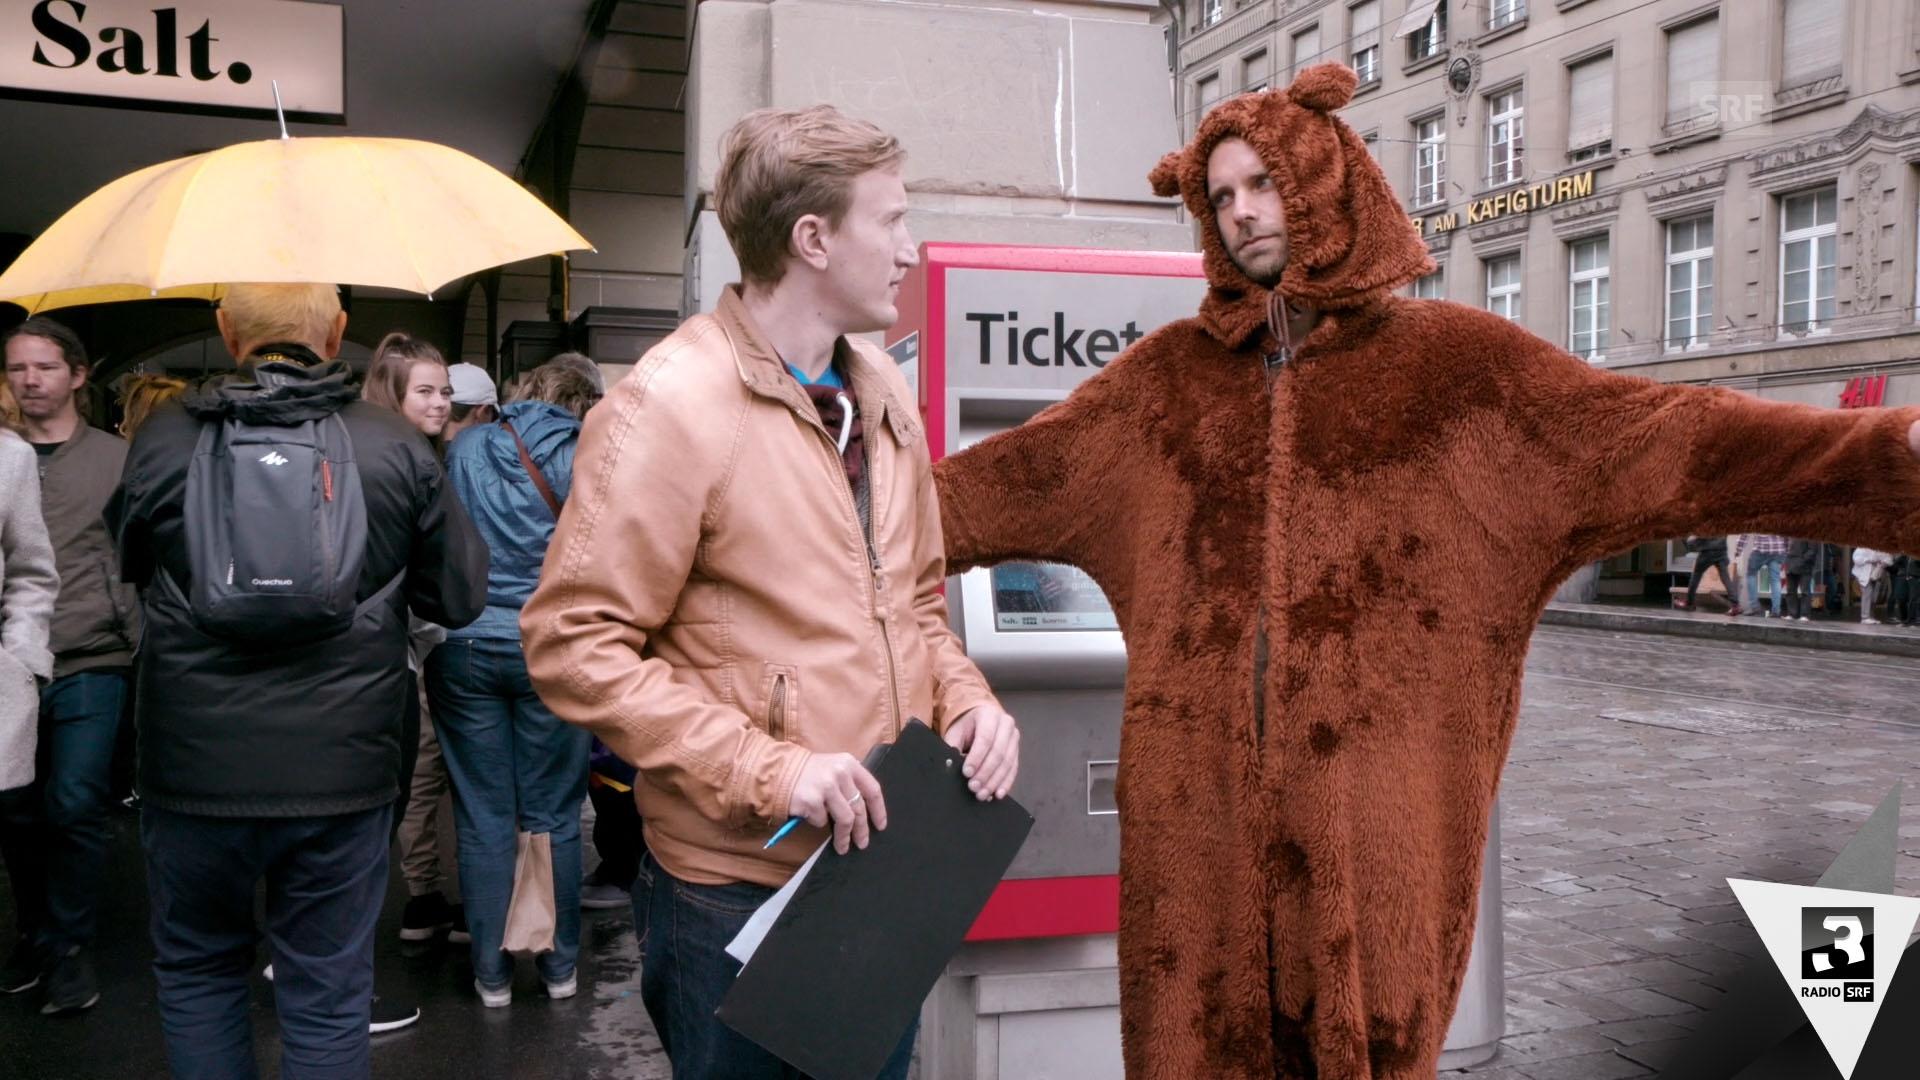 Büssi on Tour: Wenn Zürcher Bernern einen Bären aufbinden